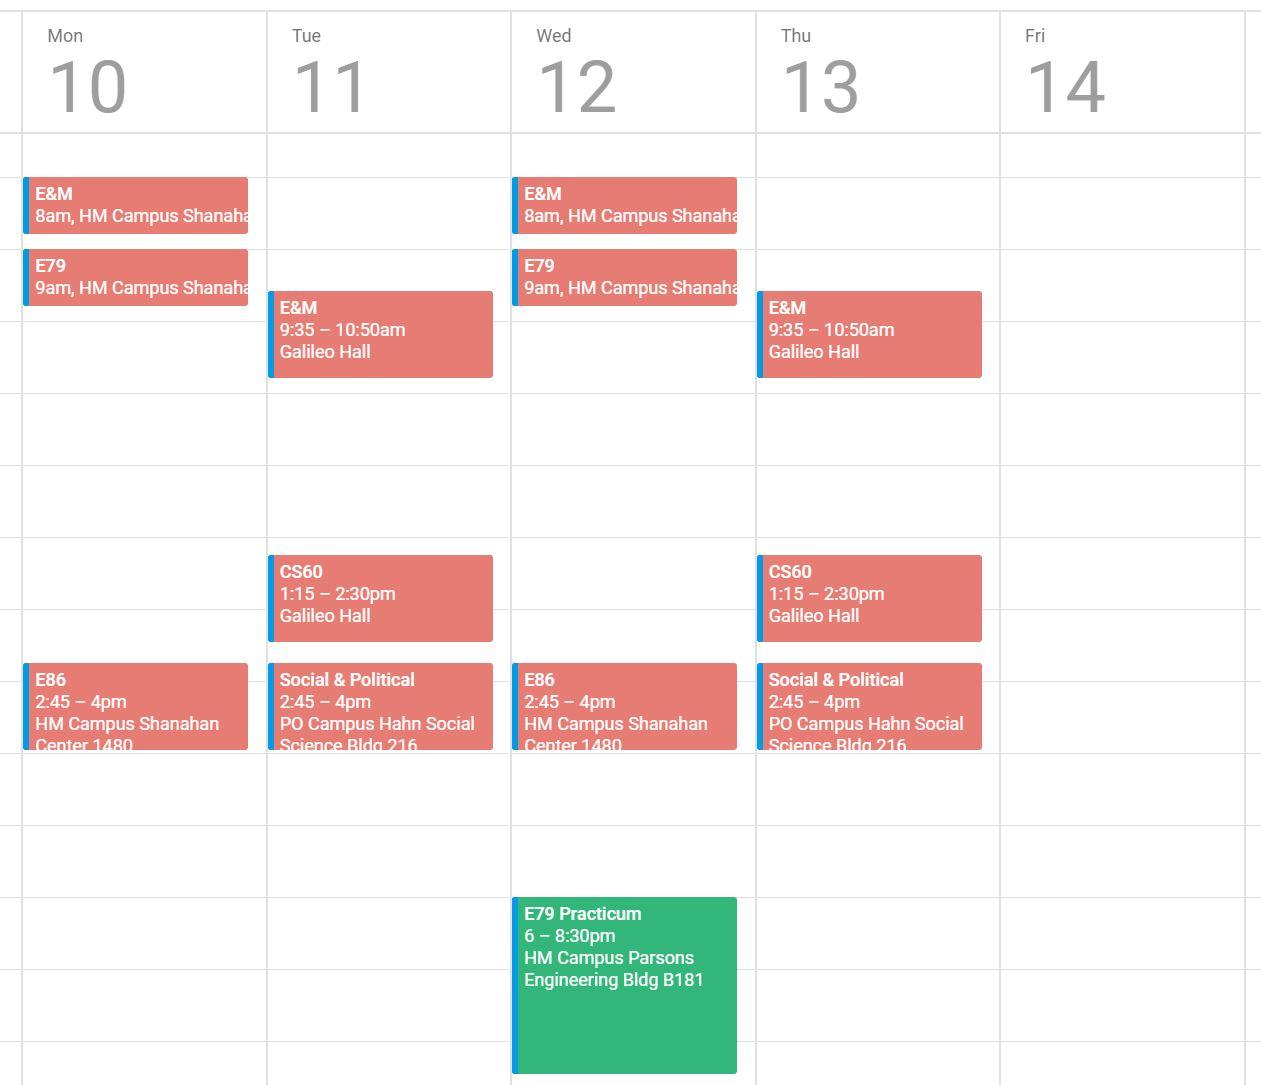 A screenshot of a Google Calendar with between 3-4 blocks on each day  representing 0641ba2d8d